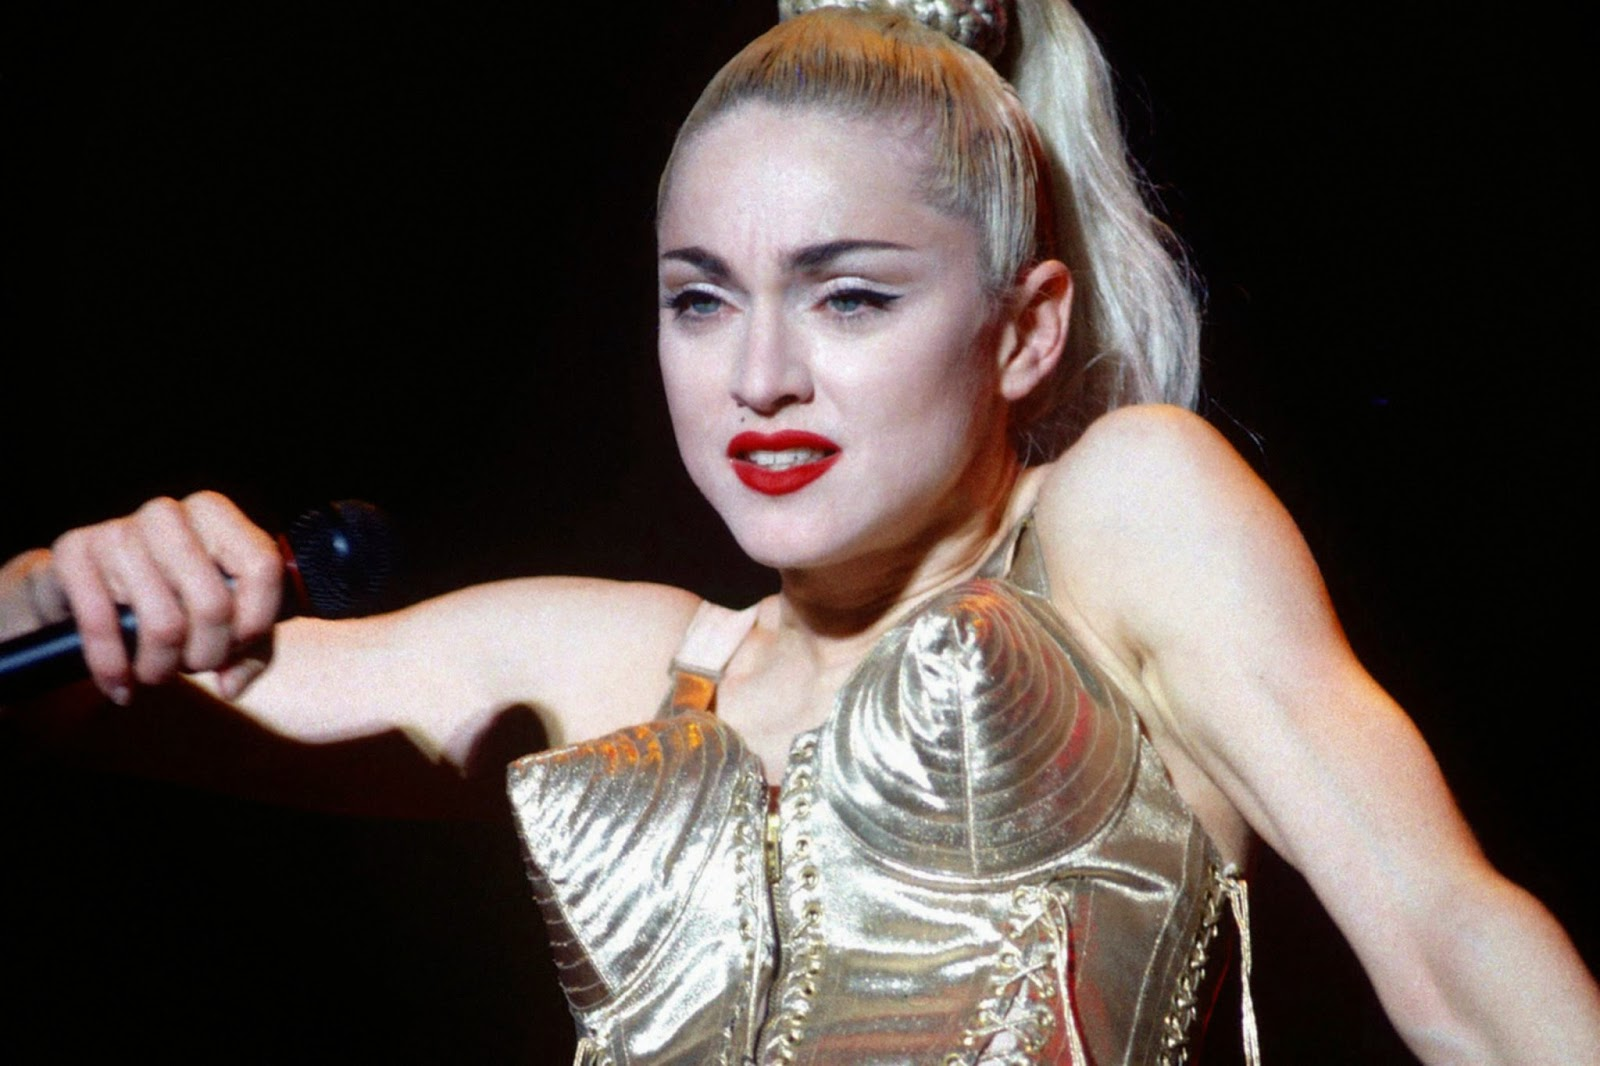 Мадонна говорит о сексе